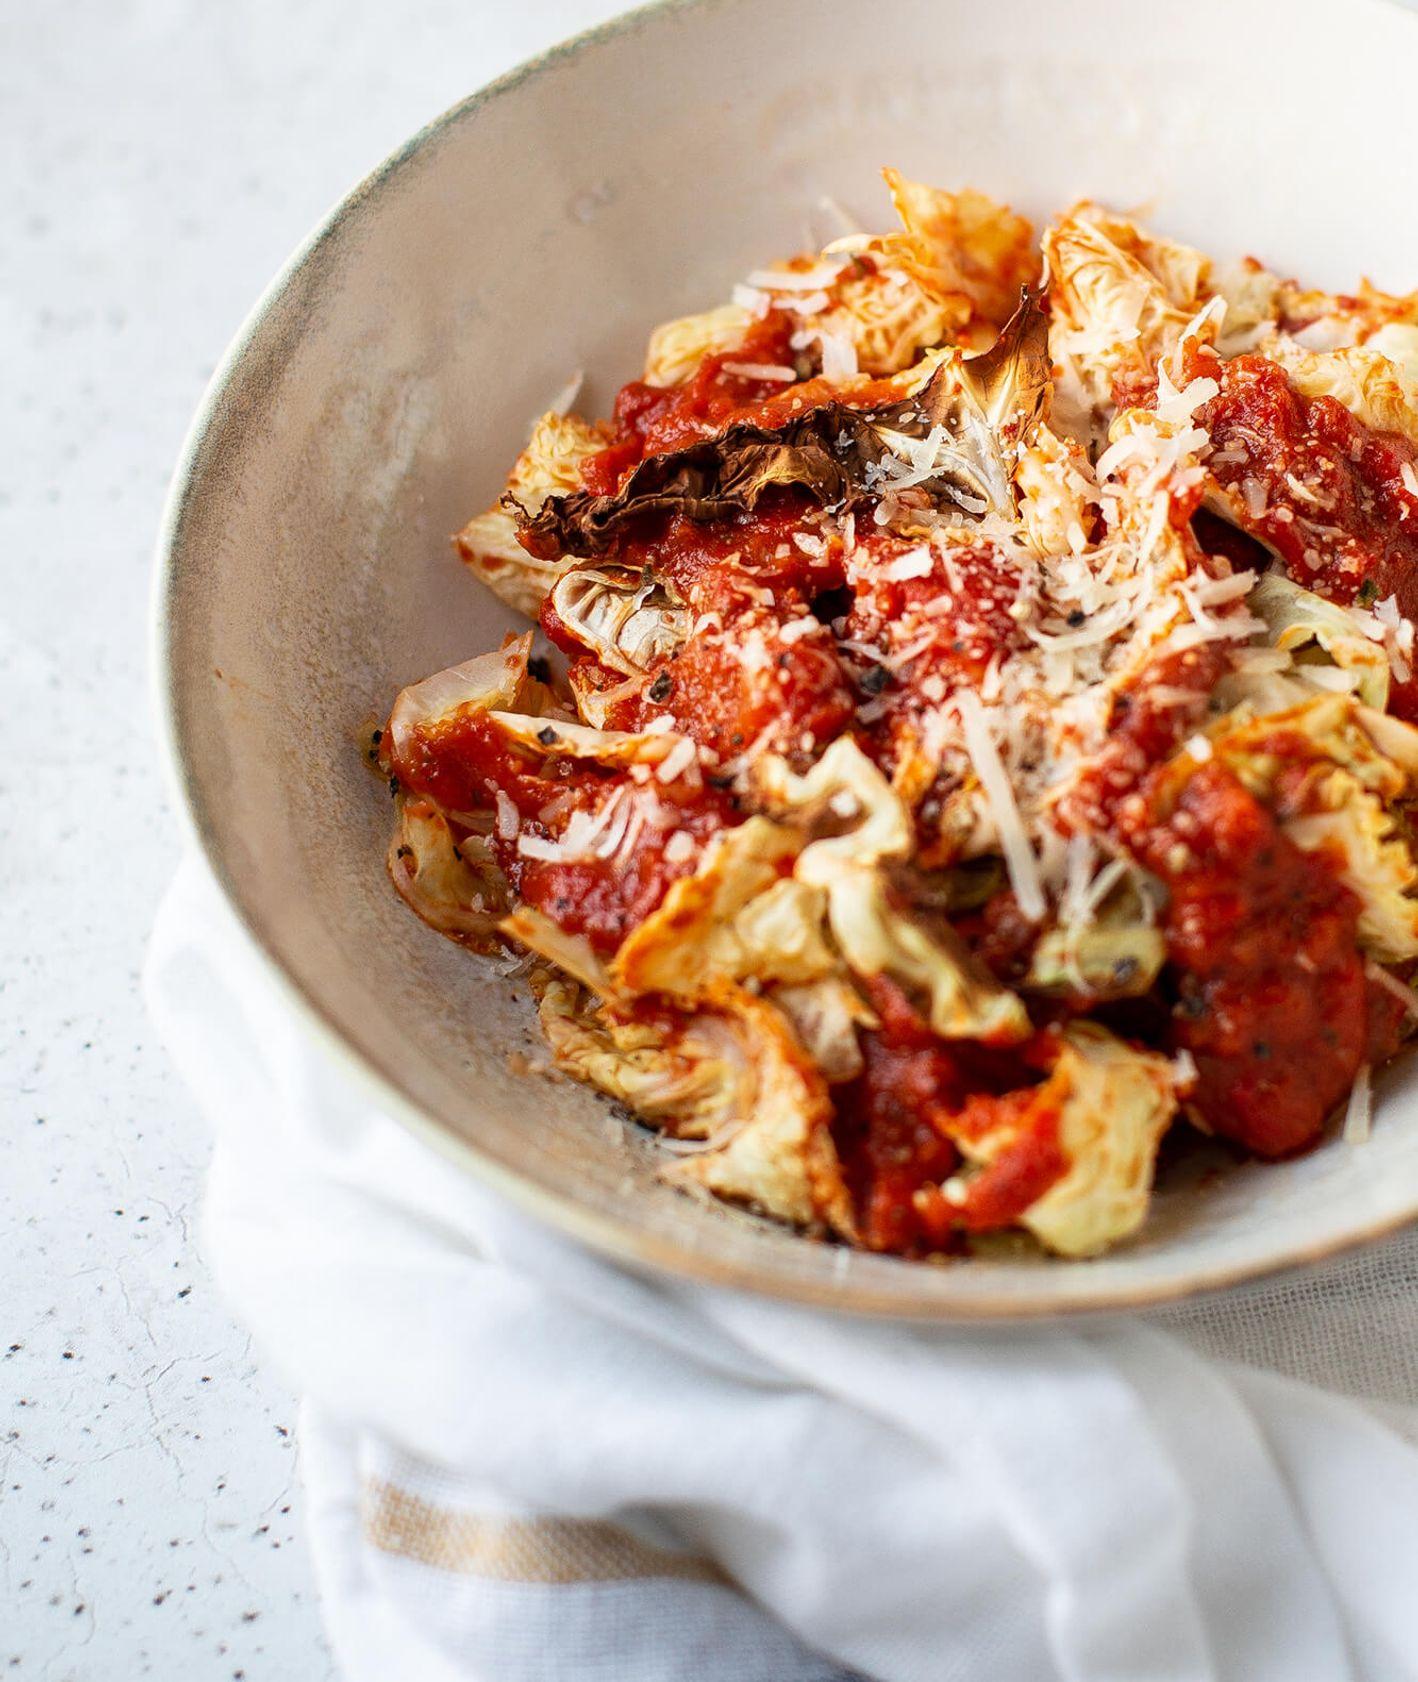 Przepis na zapiekaną kapustę z sosem pomidorowym i parmezanem (fot. Ula Demczuk)